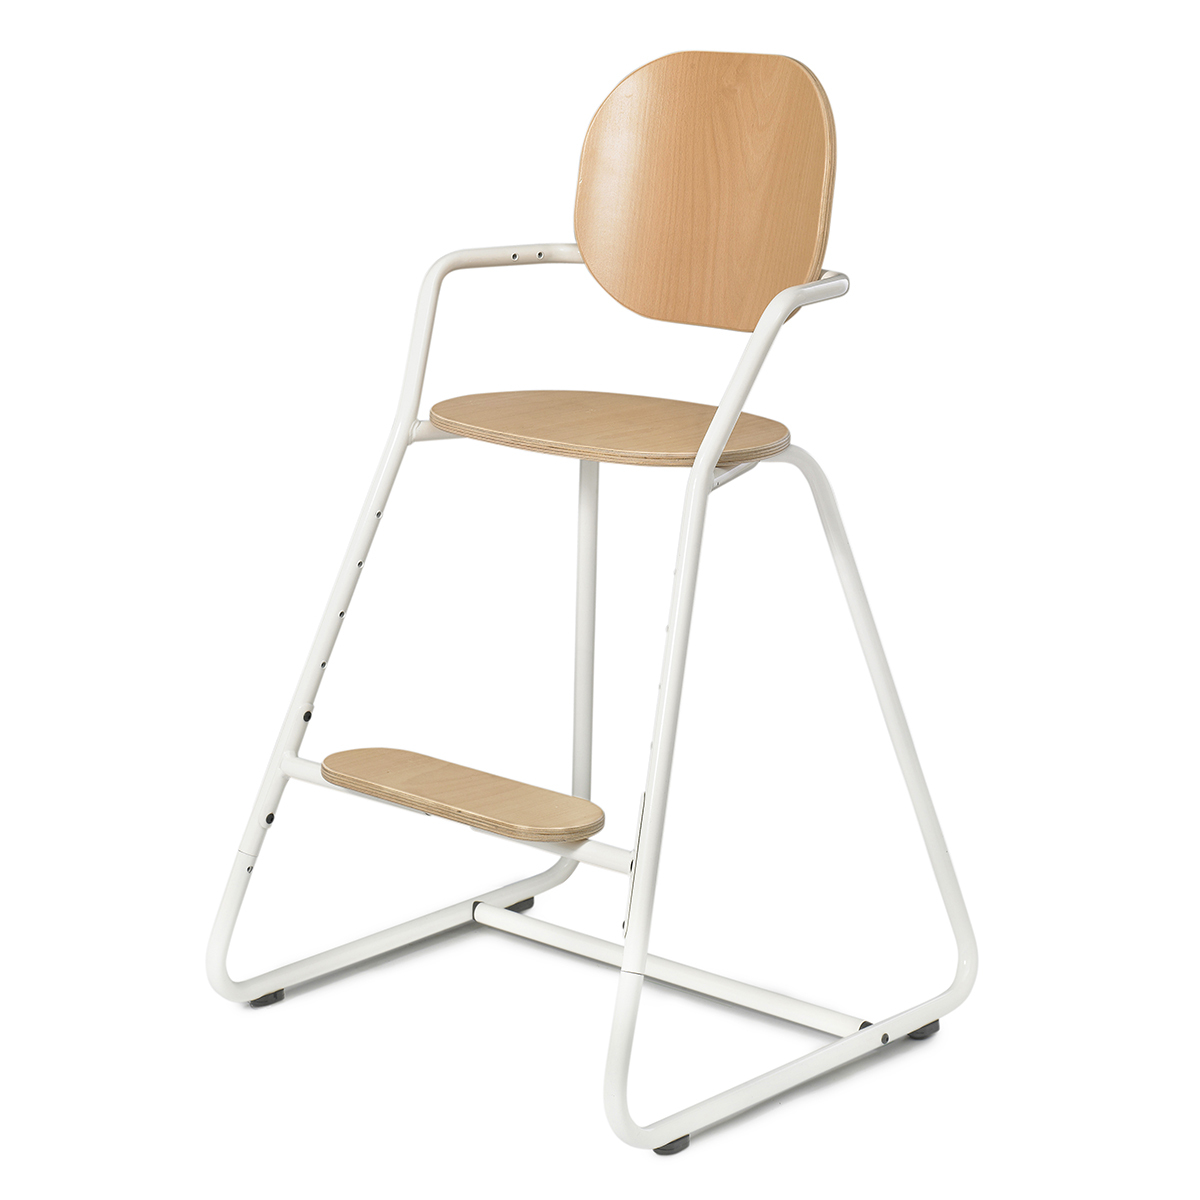 Chaise haute Chaise Haute Tibu - White Chaise Haute Tibu - White